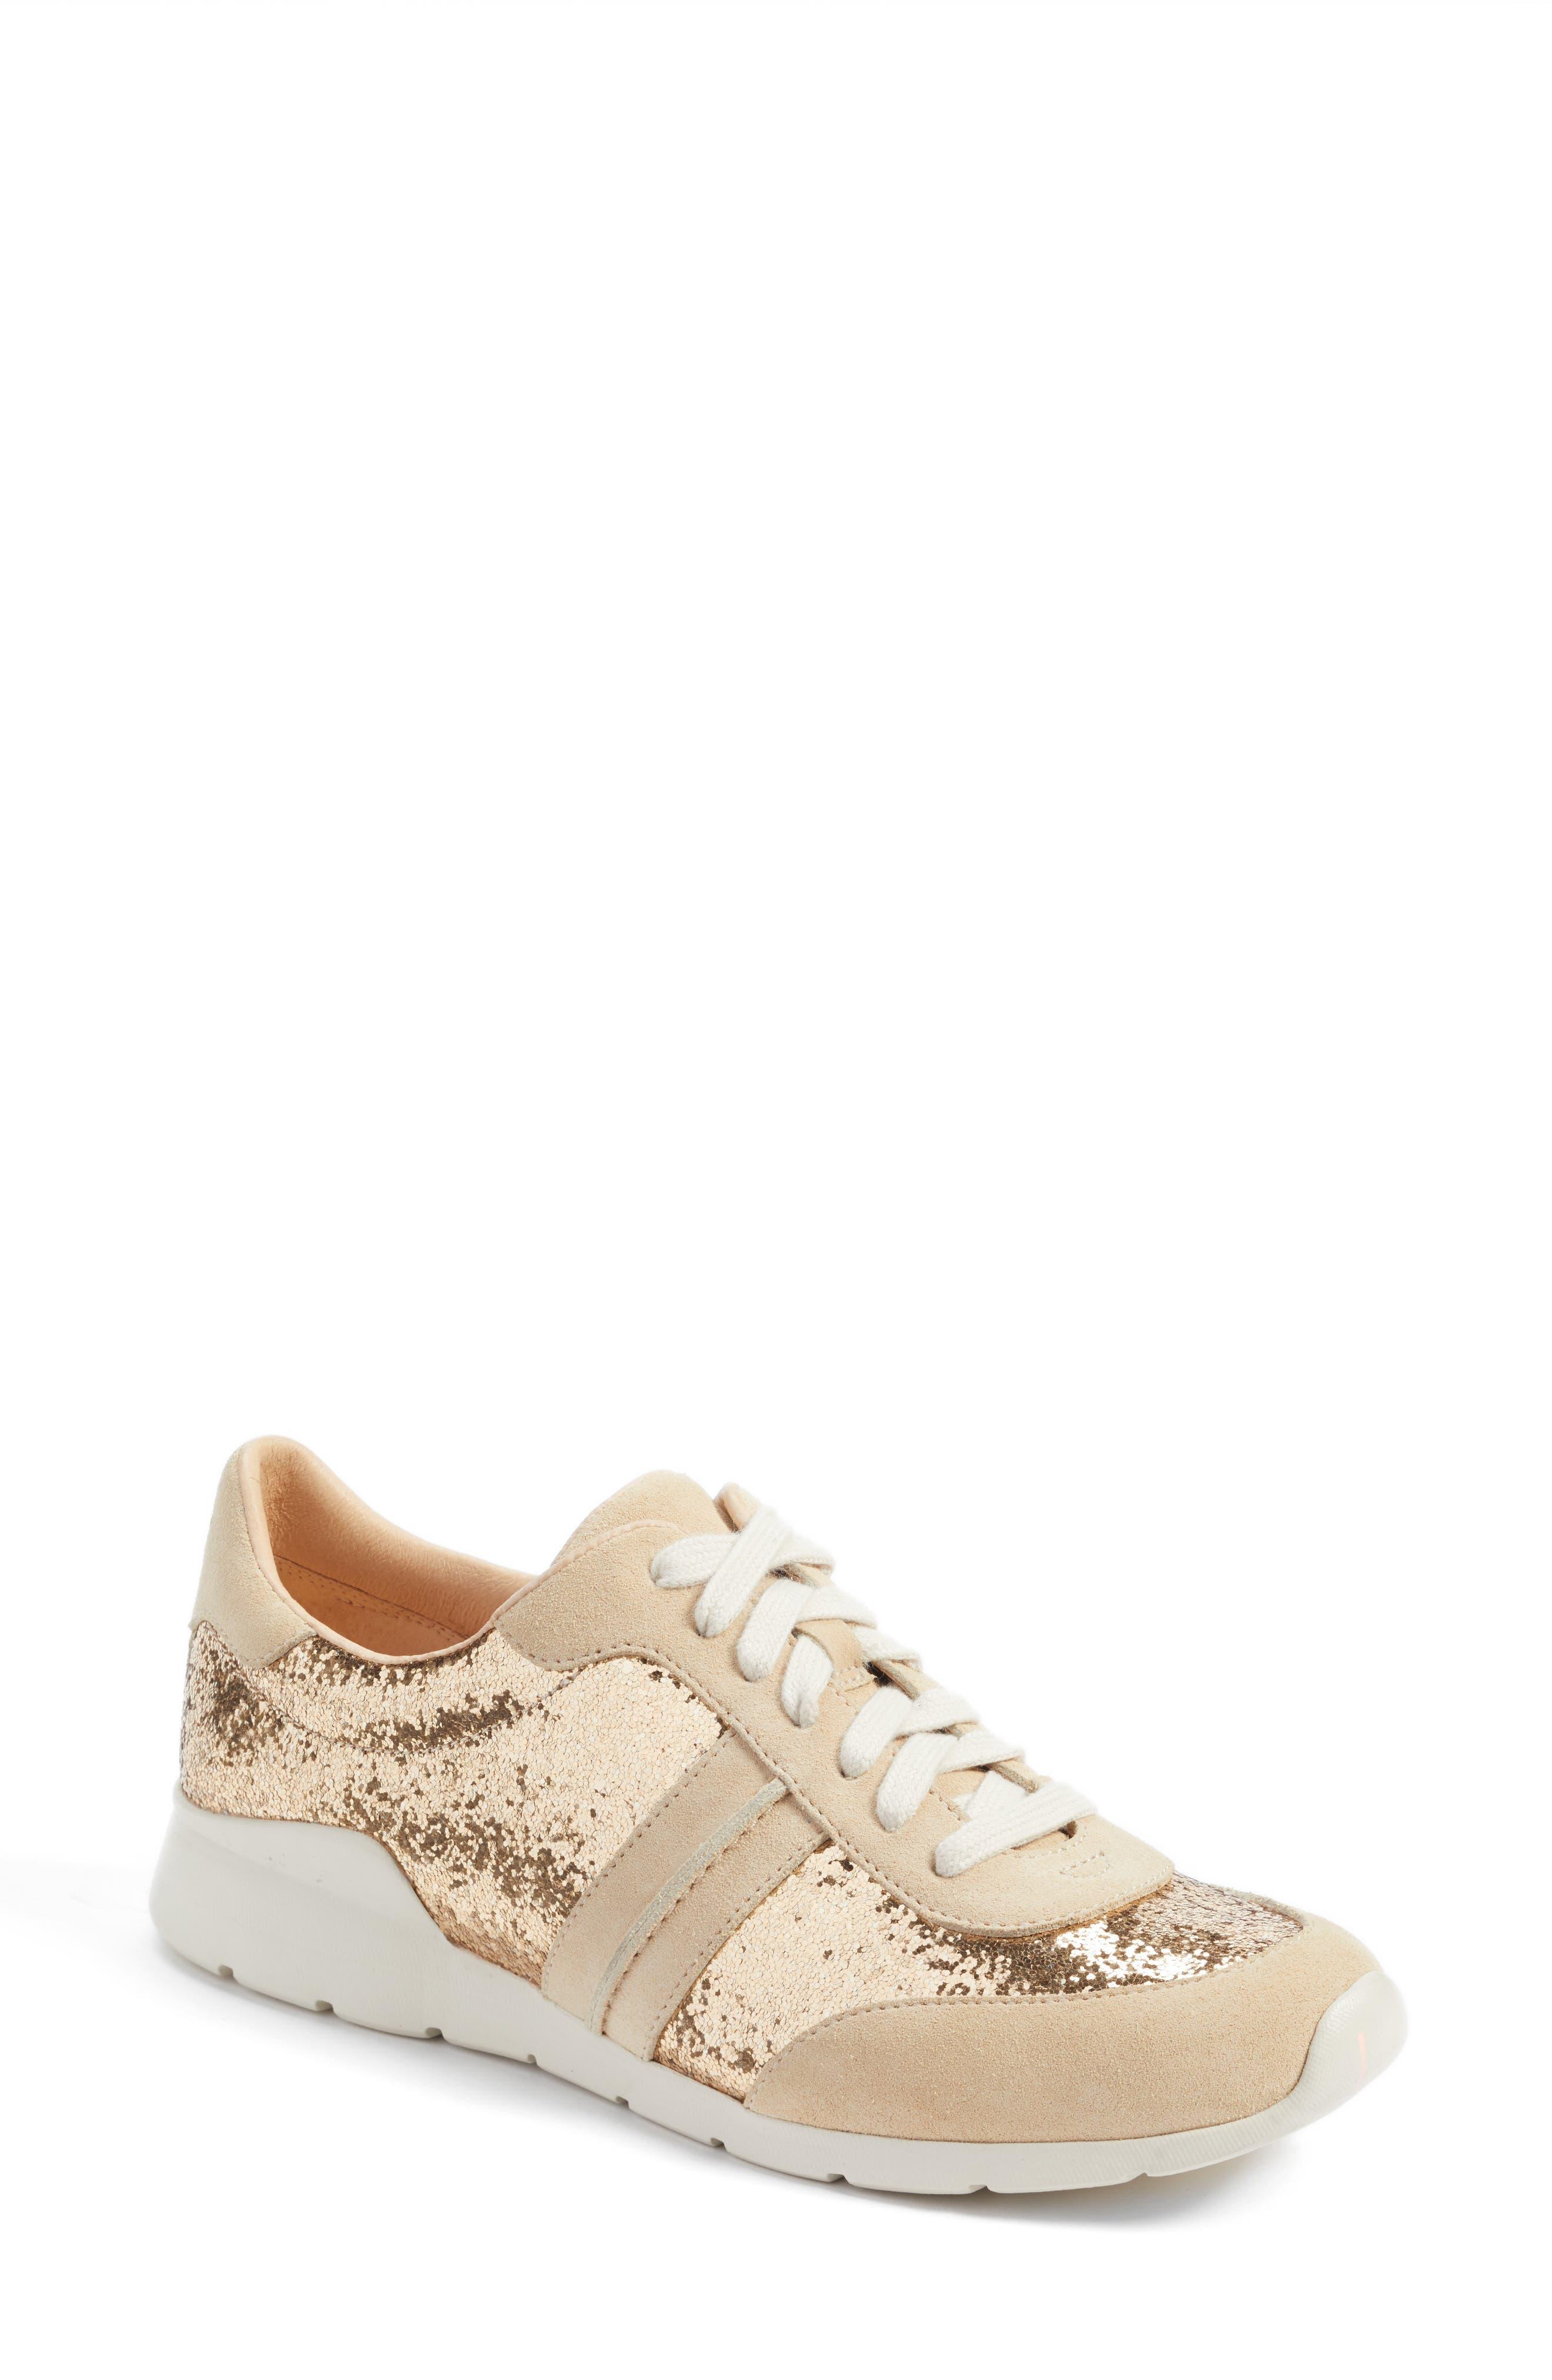 UGG   Jaida Glitter Sneaker   Nordstrom